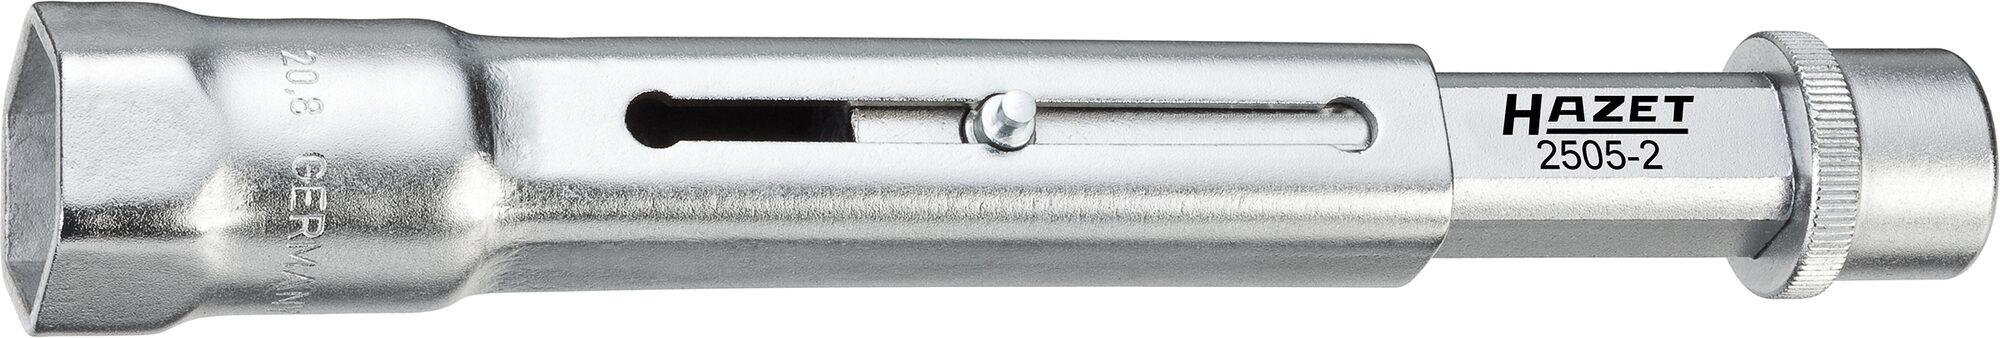 HAZET Zündkerzen-Schlüssel 2505-2 ∙ Vierkant hohl 10 mm (3/8 Zoll) ∙ Außen-Sechskant Profil ∙ 20.8 mm ∙ 13⁄16 ″